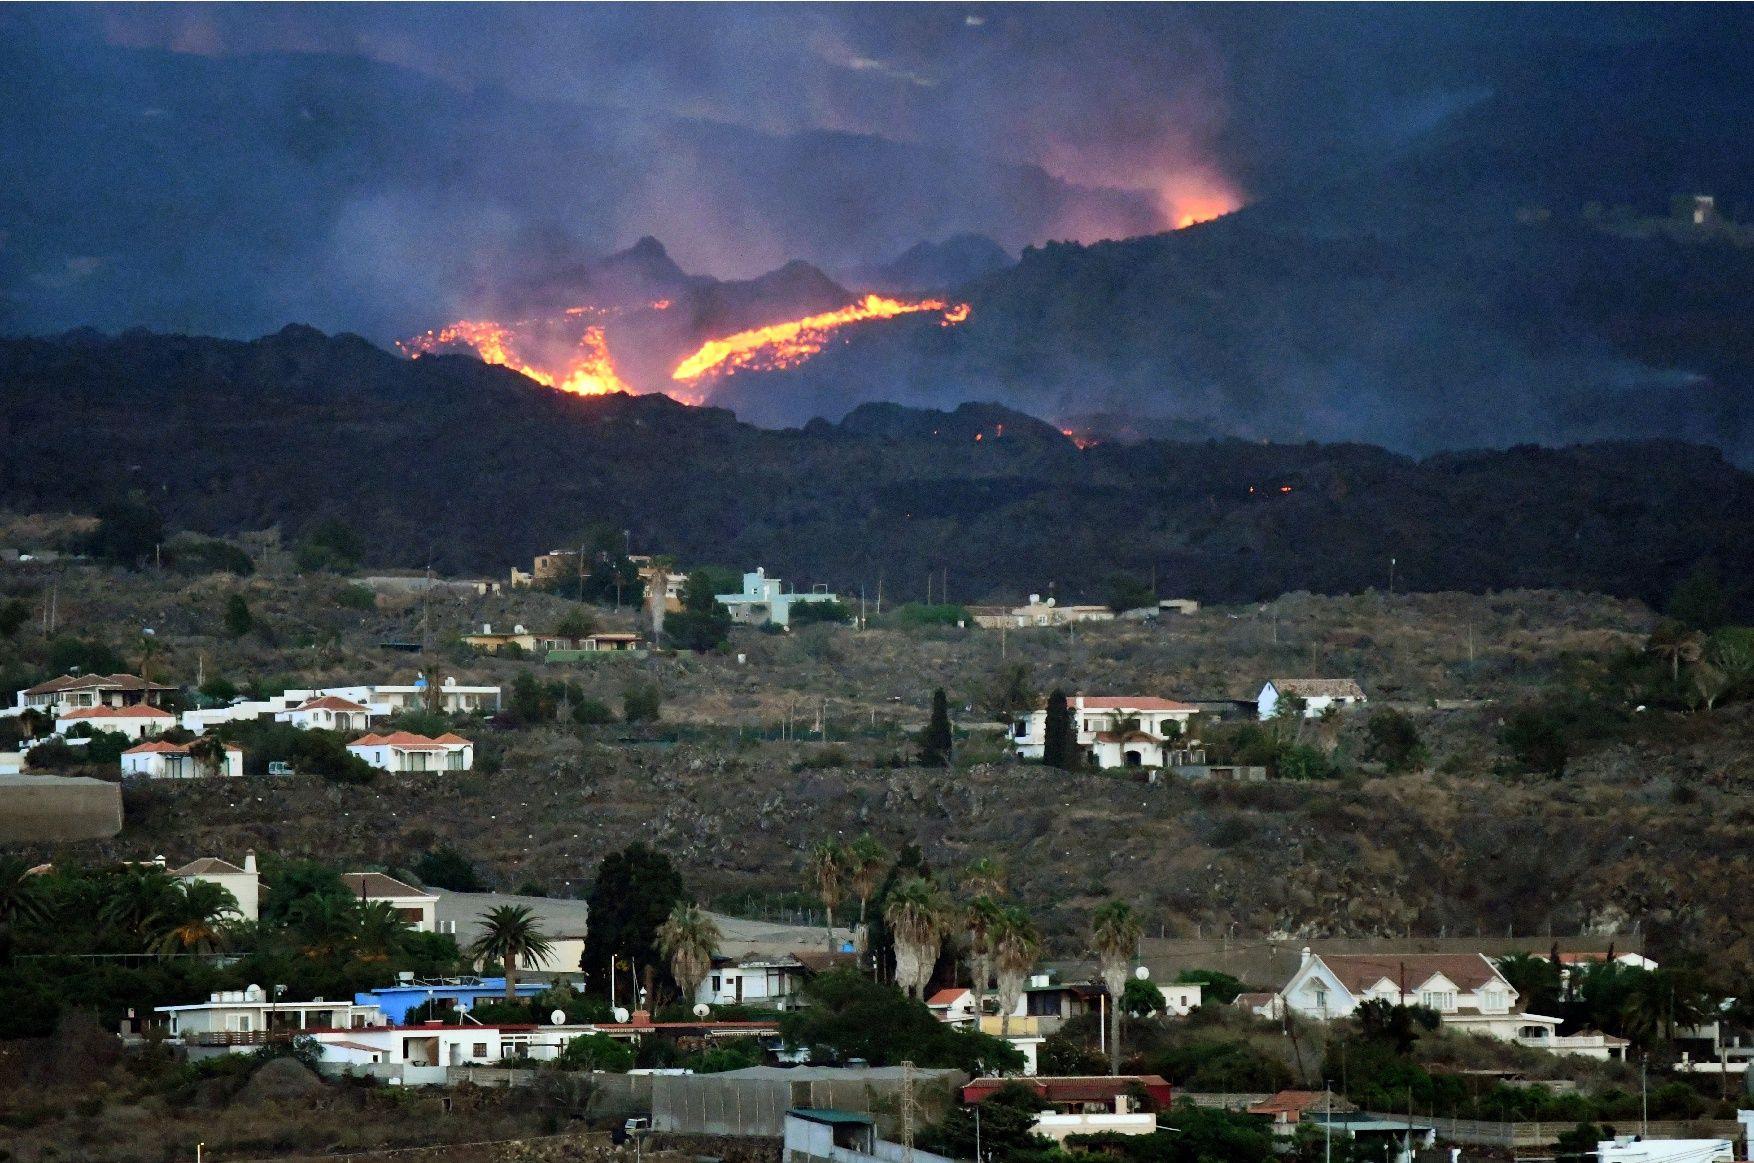 L'erupció del volcà fotografiada per un manresà